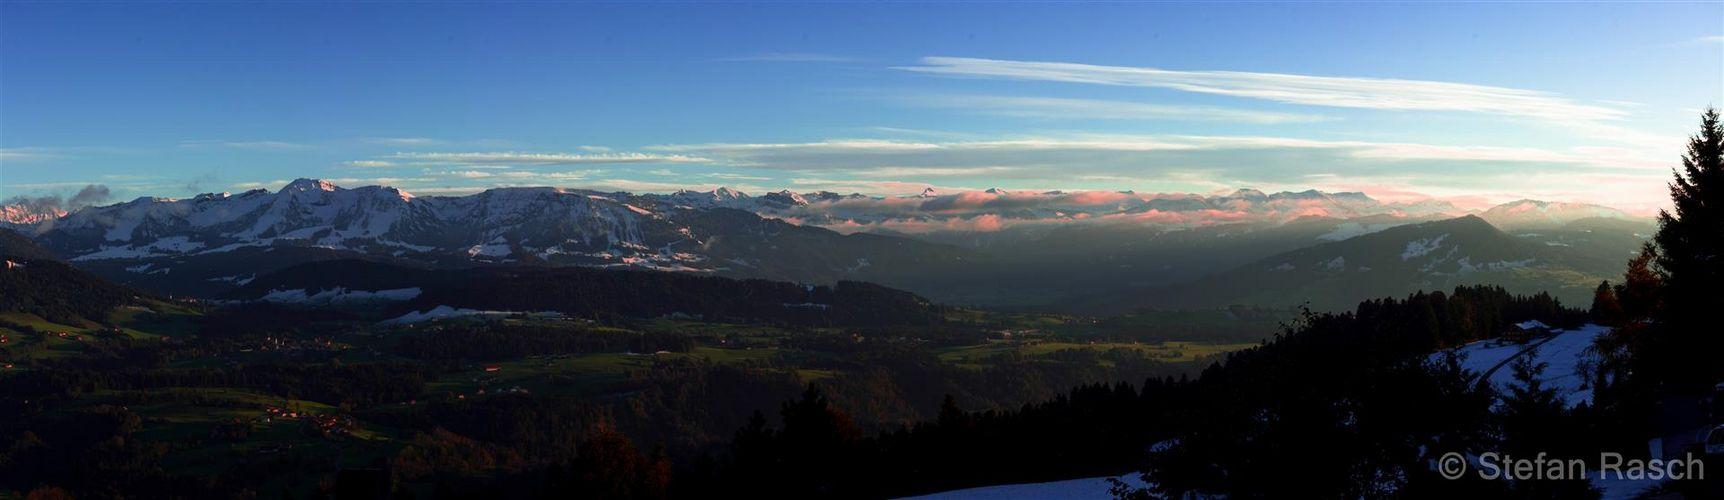 Österreichische Alpen - Blick von Sulzberg